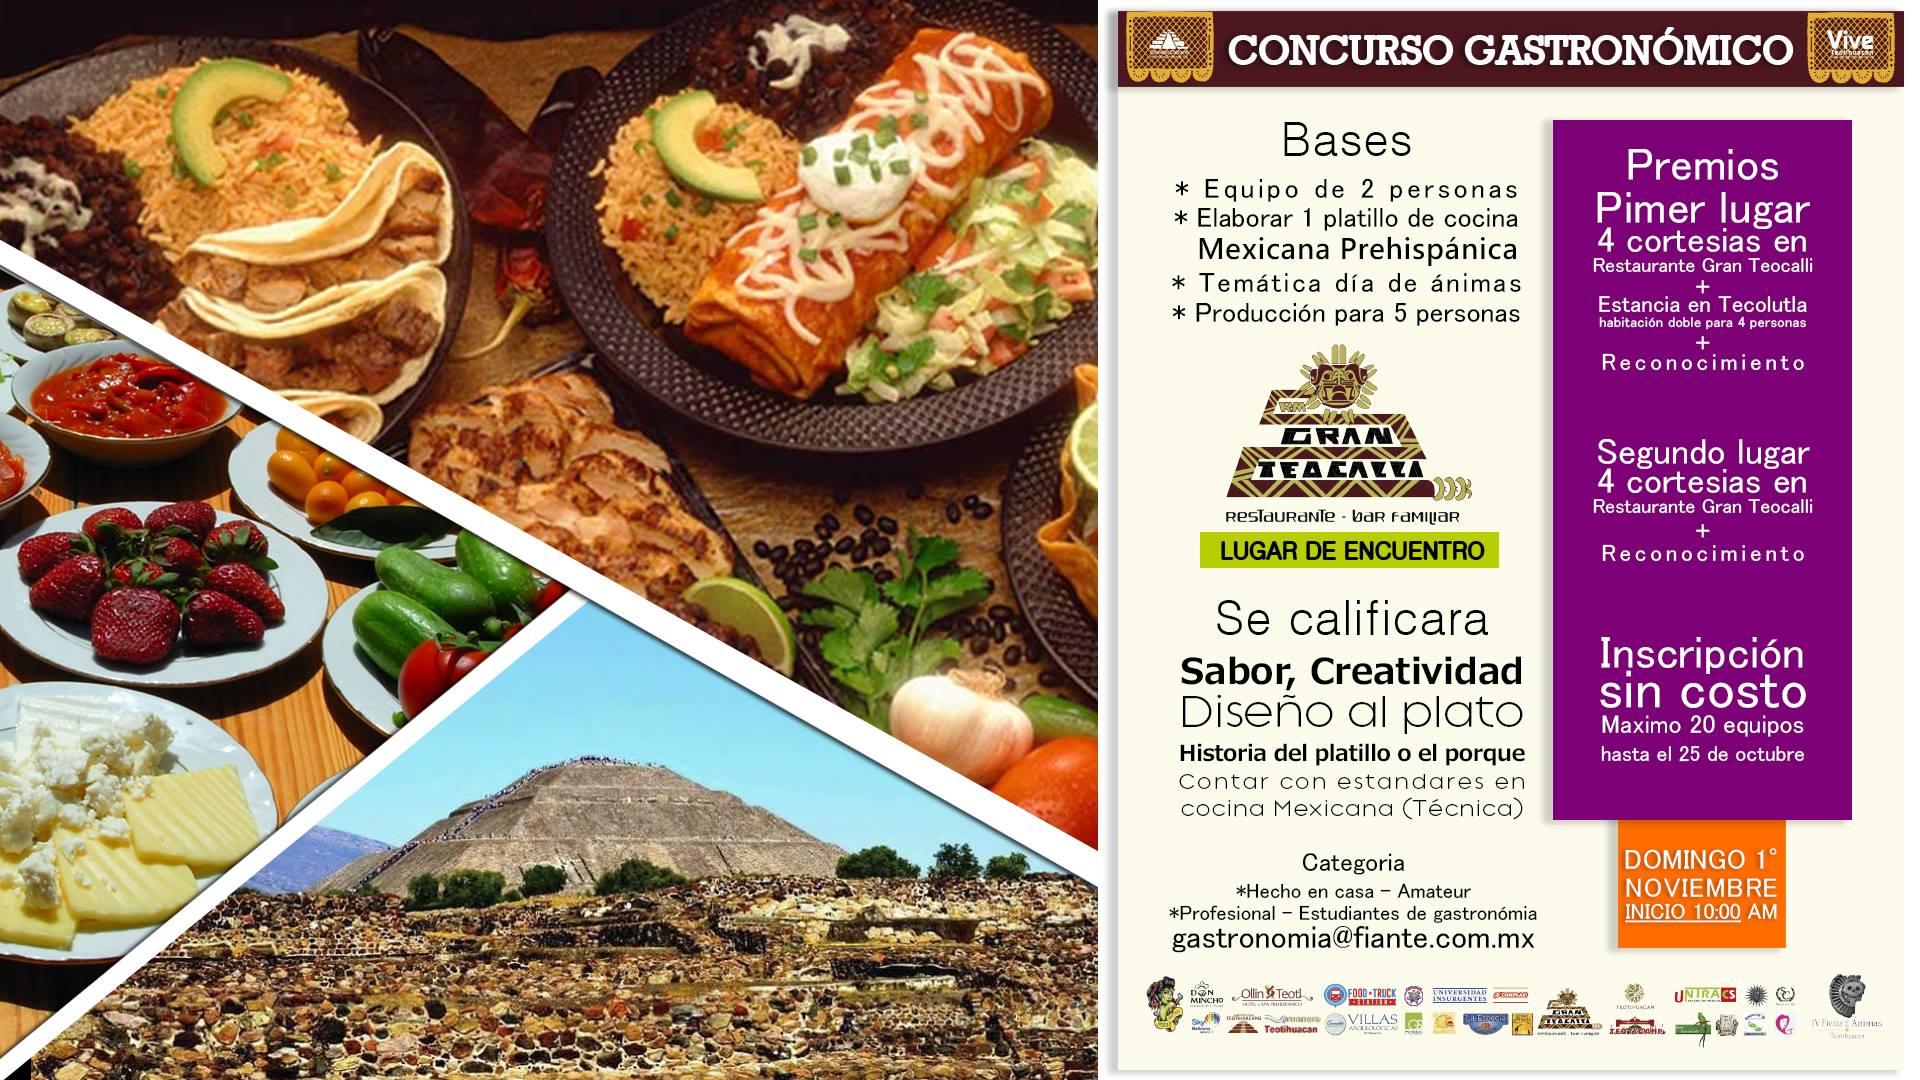 Concurso Gastronomico de Cocina Mexicana Prehispanica